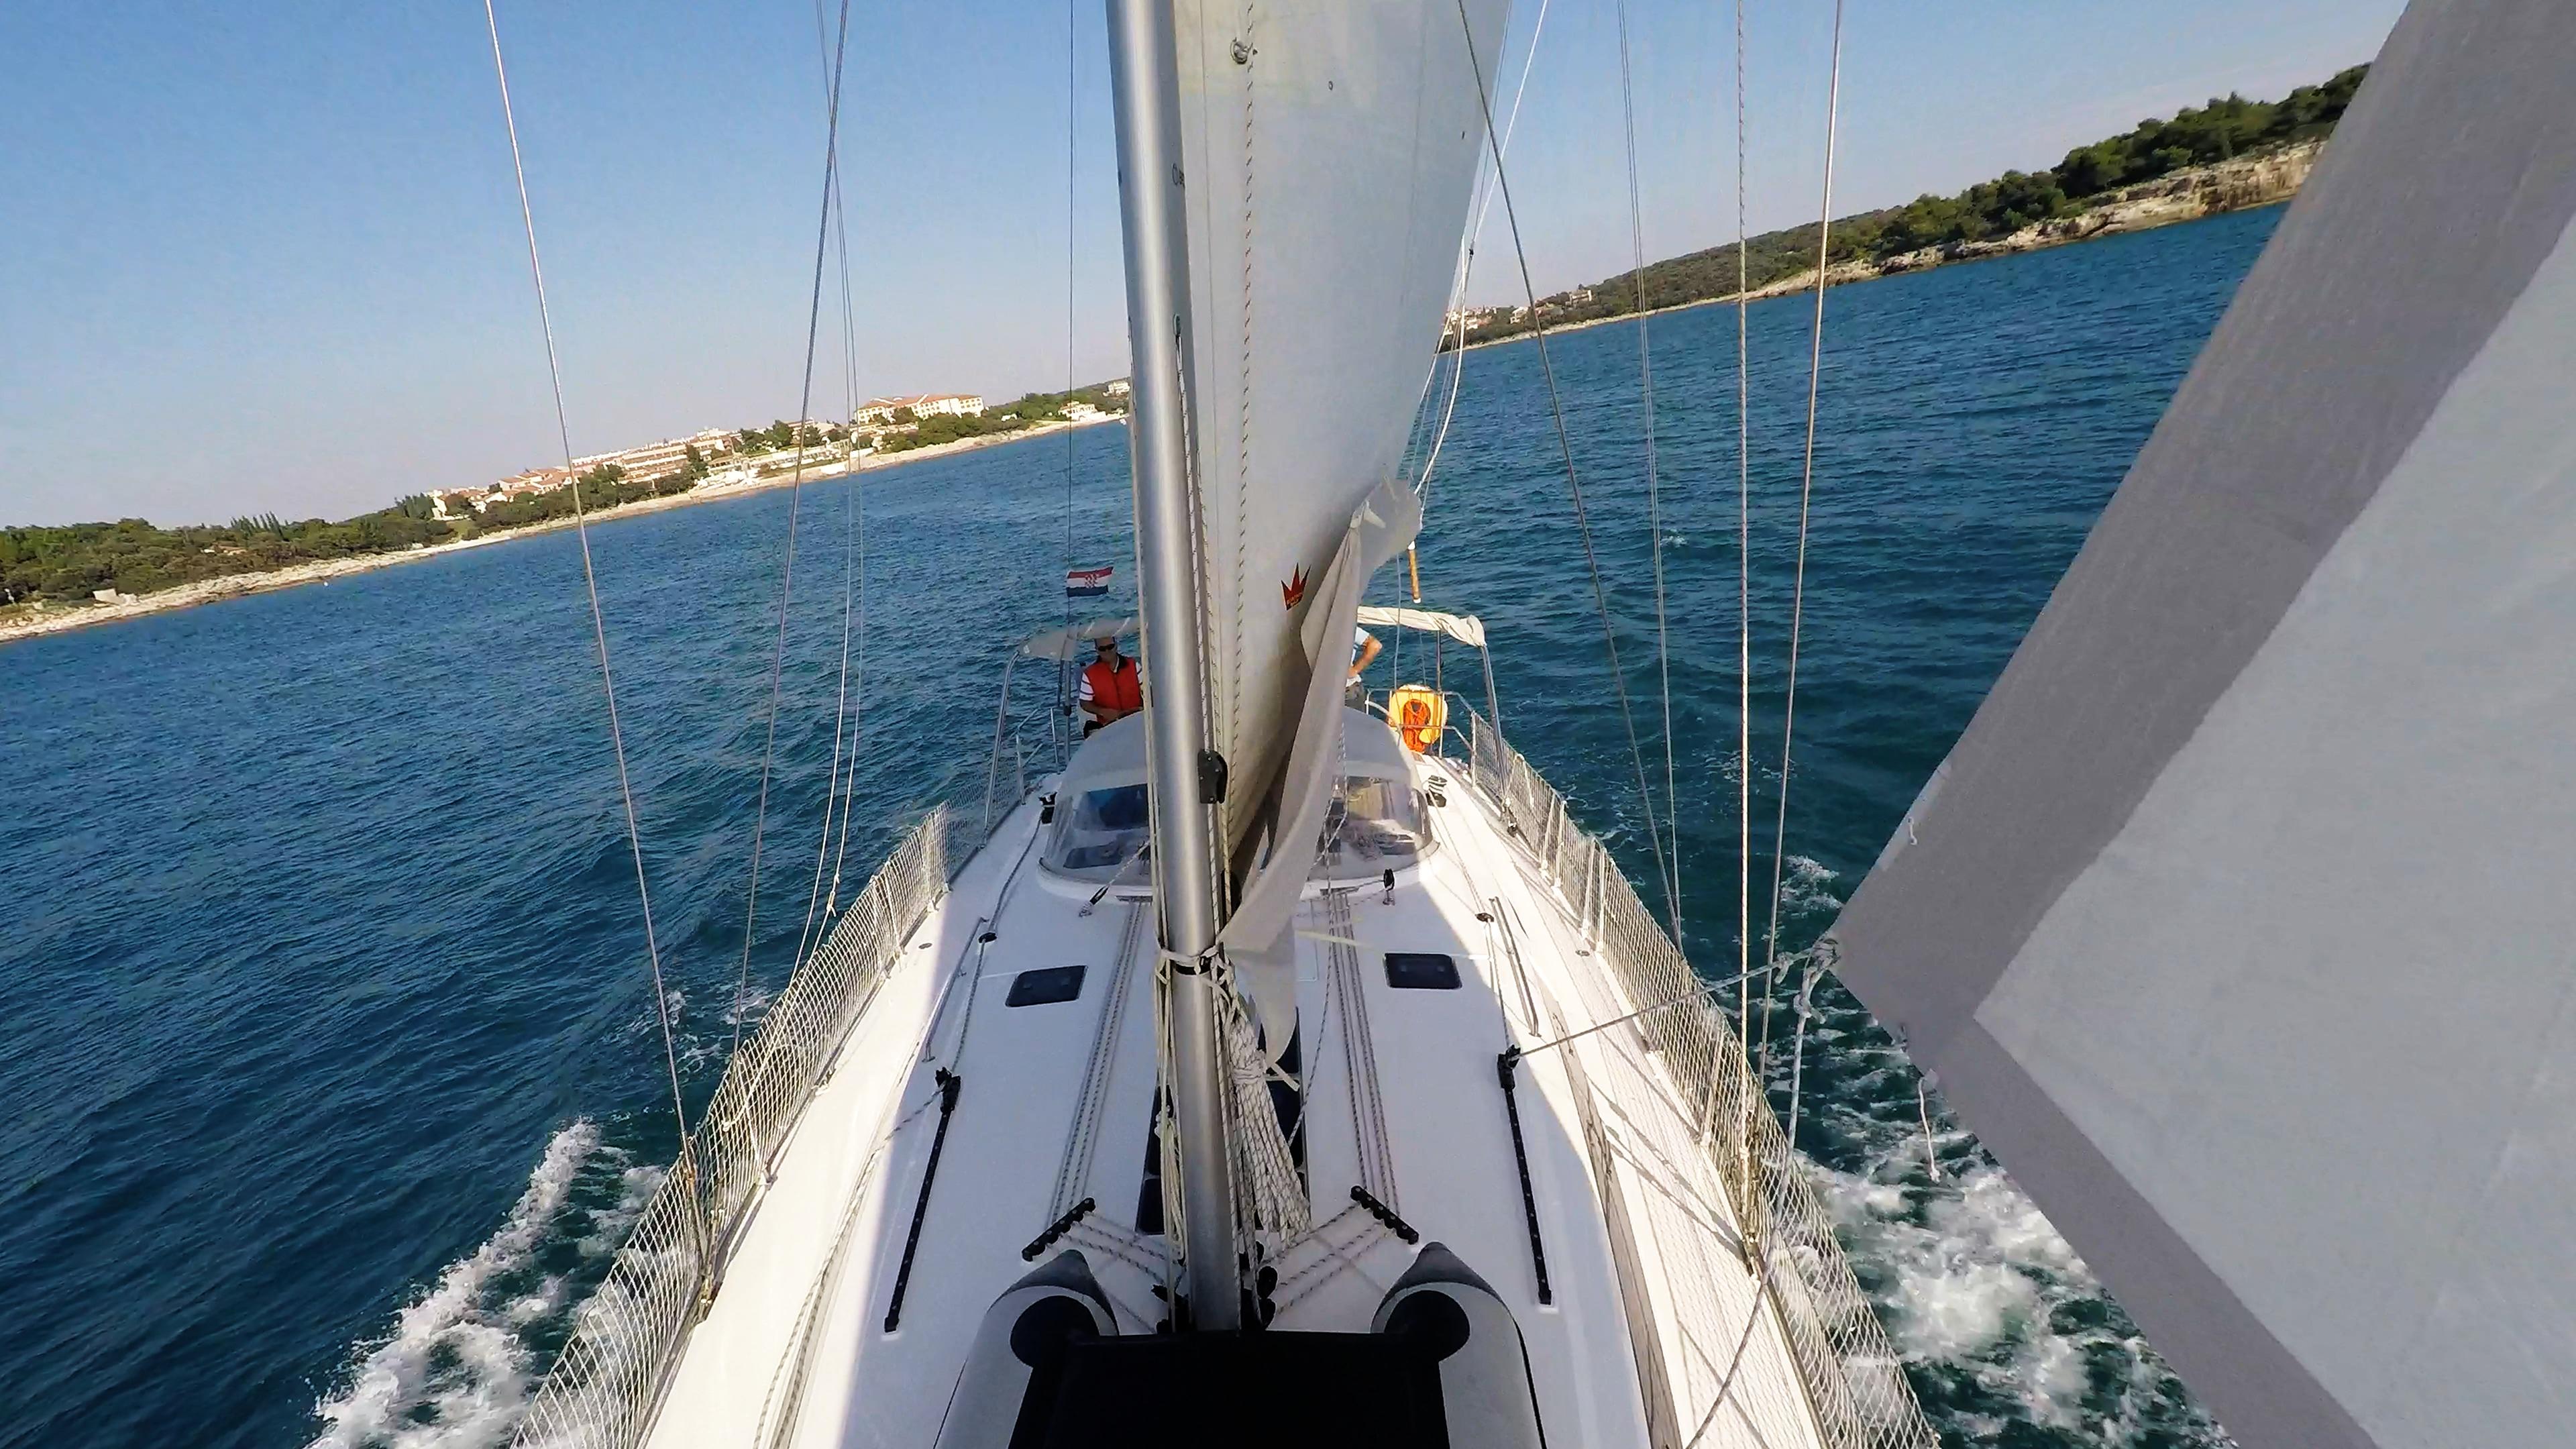 barcha a vela prua della barca a vela albero genova vele ponte skipper timone ruota yacht a vela